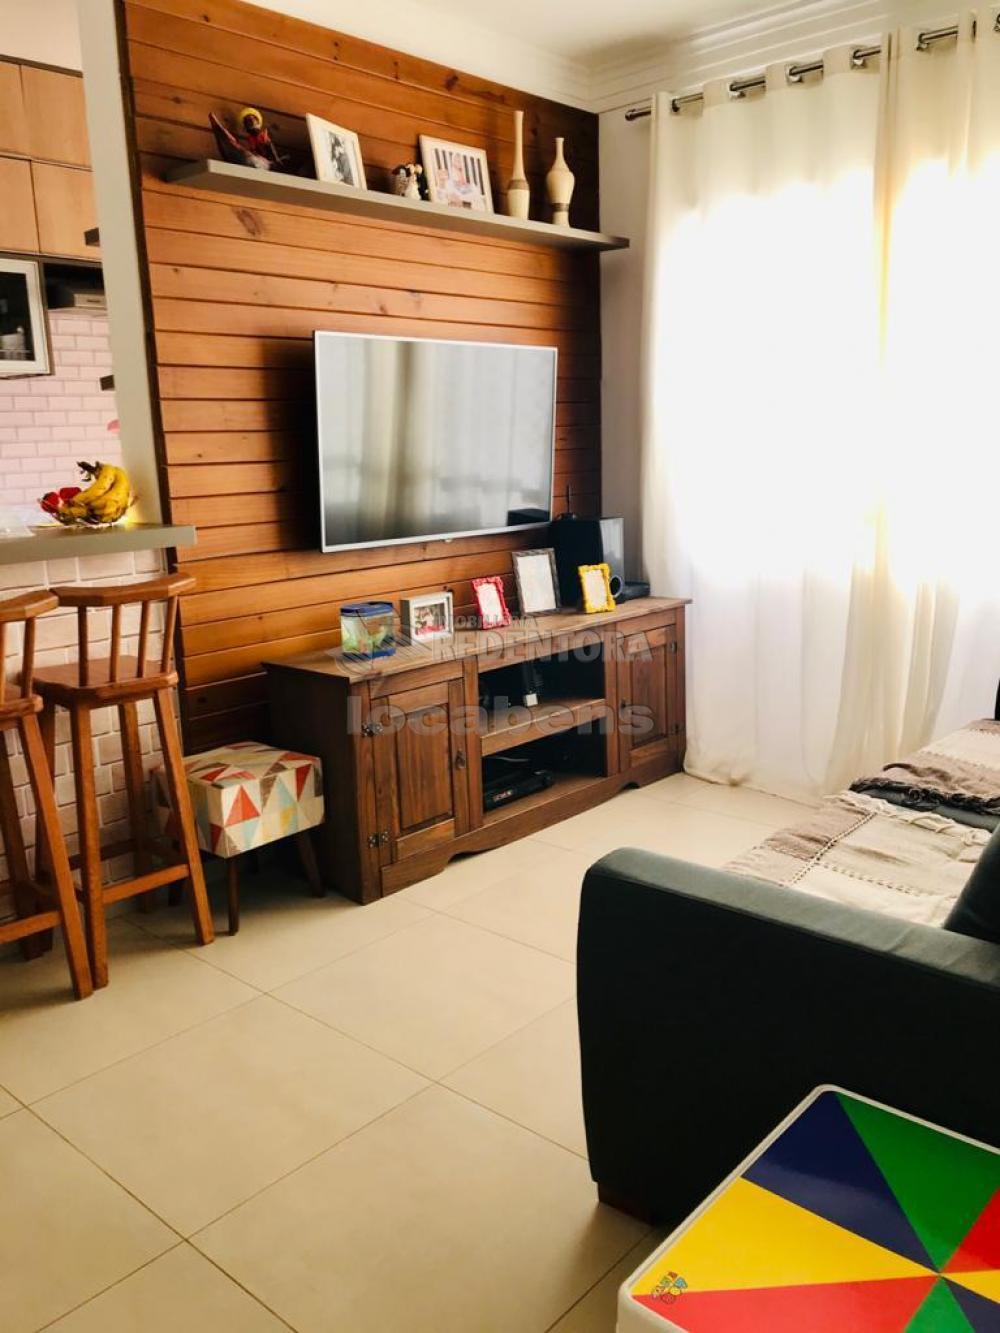 Comprar Apartamento / Padrão em São José do Rio Preto R$ 360.000,00 - Foto 3